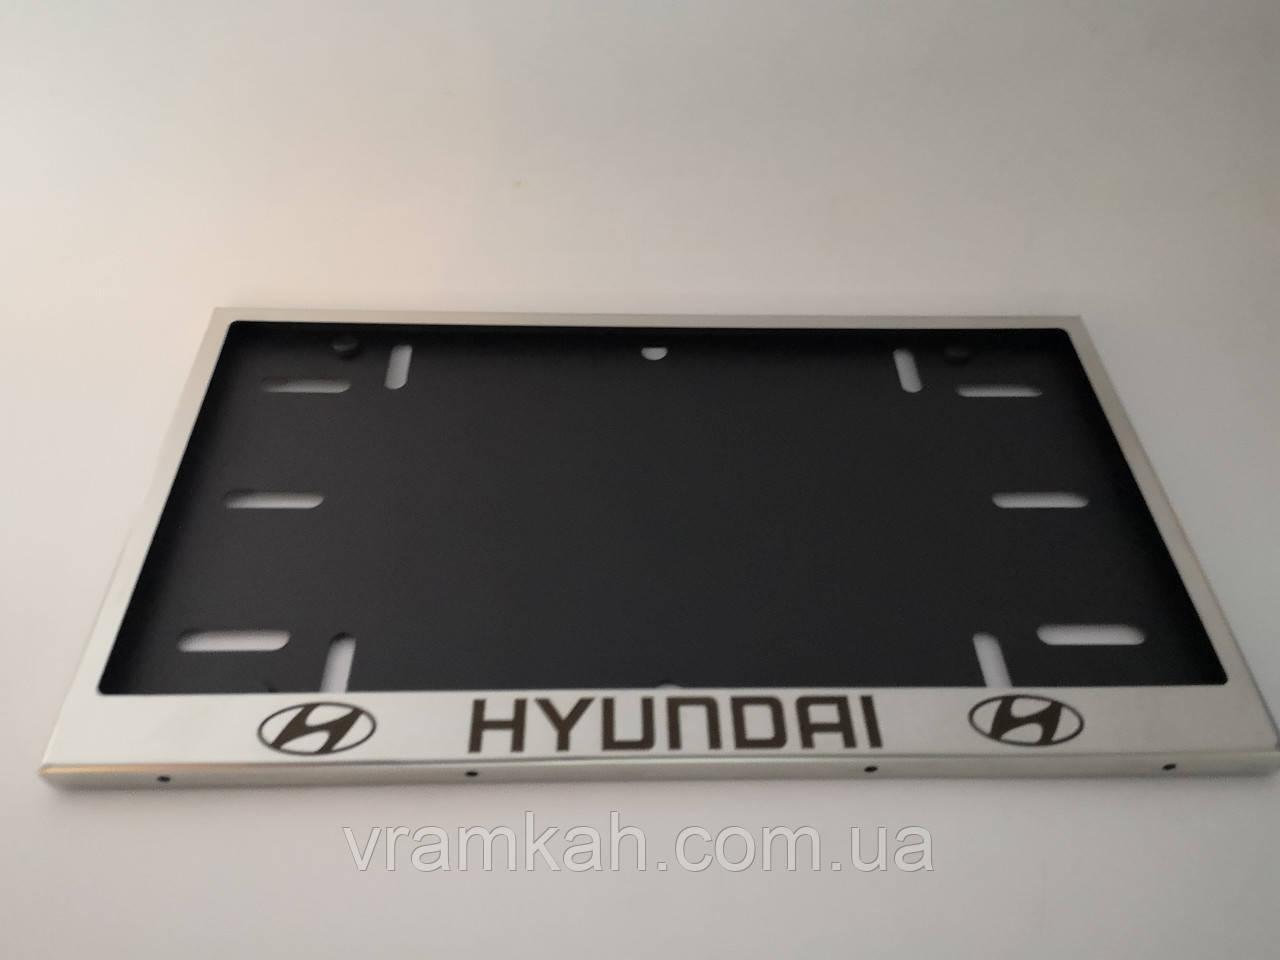 Номерная рамка для авто HYUNDAI